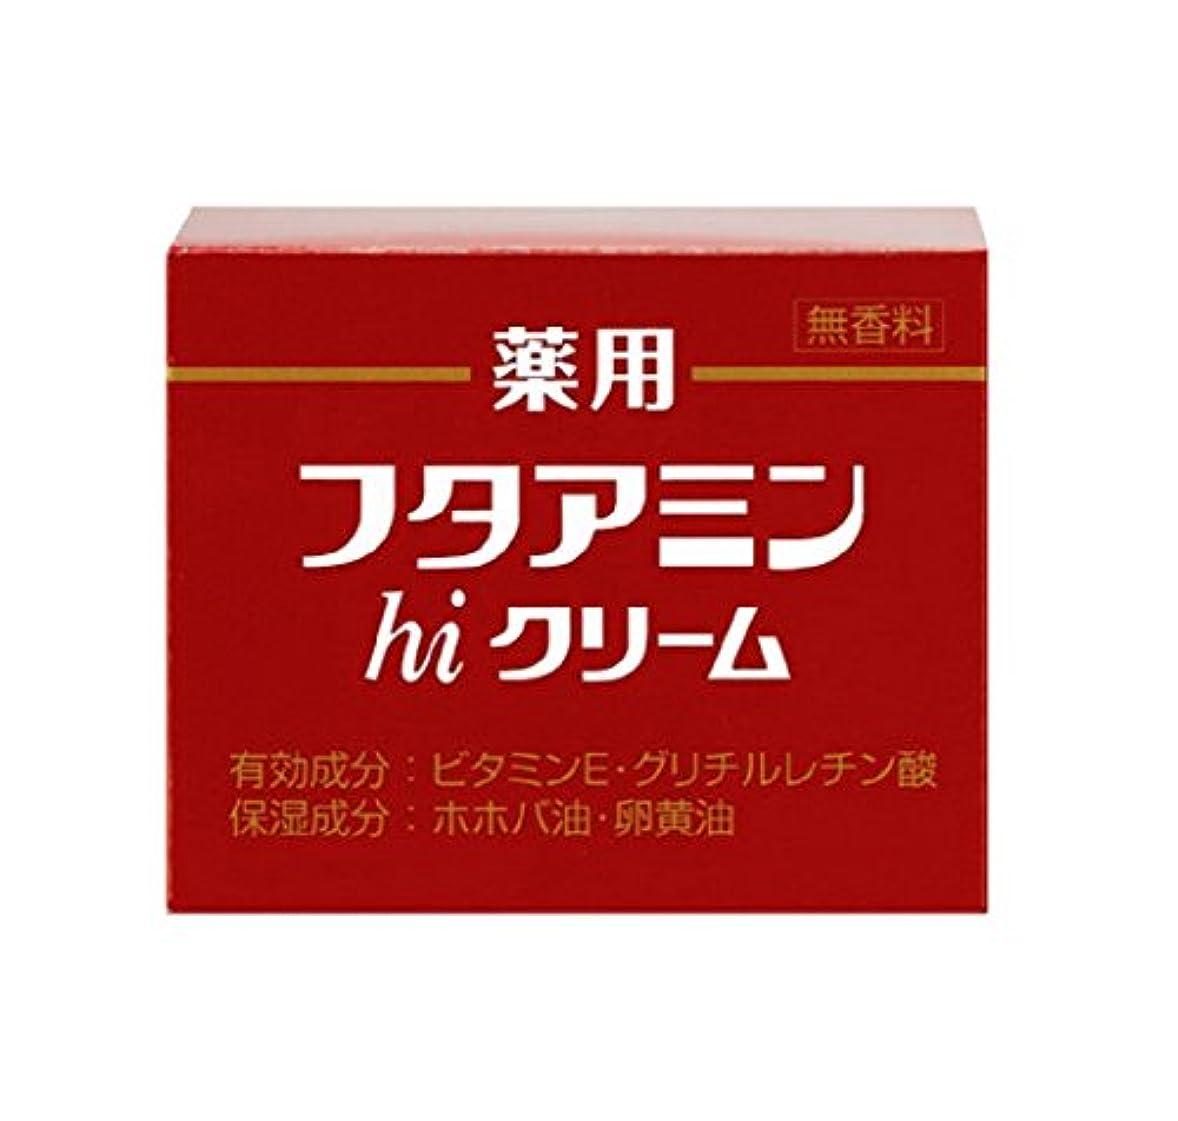 個人的な虫困惑する薬用フタアミンhiクリーム 130g